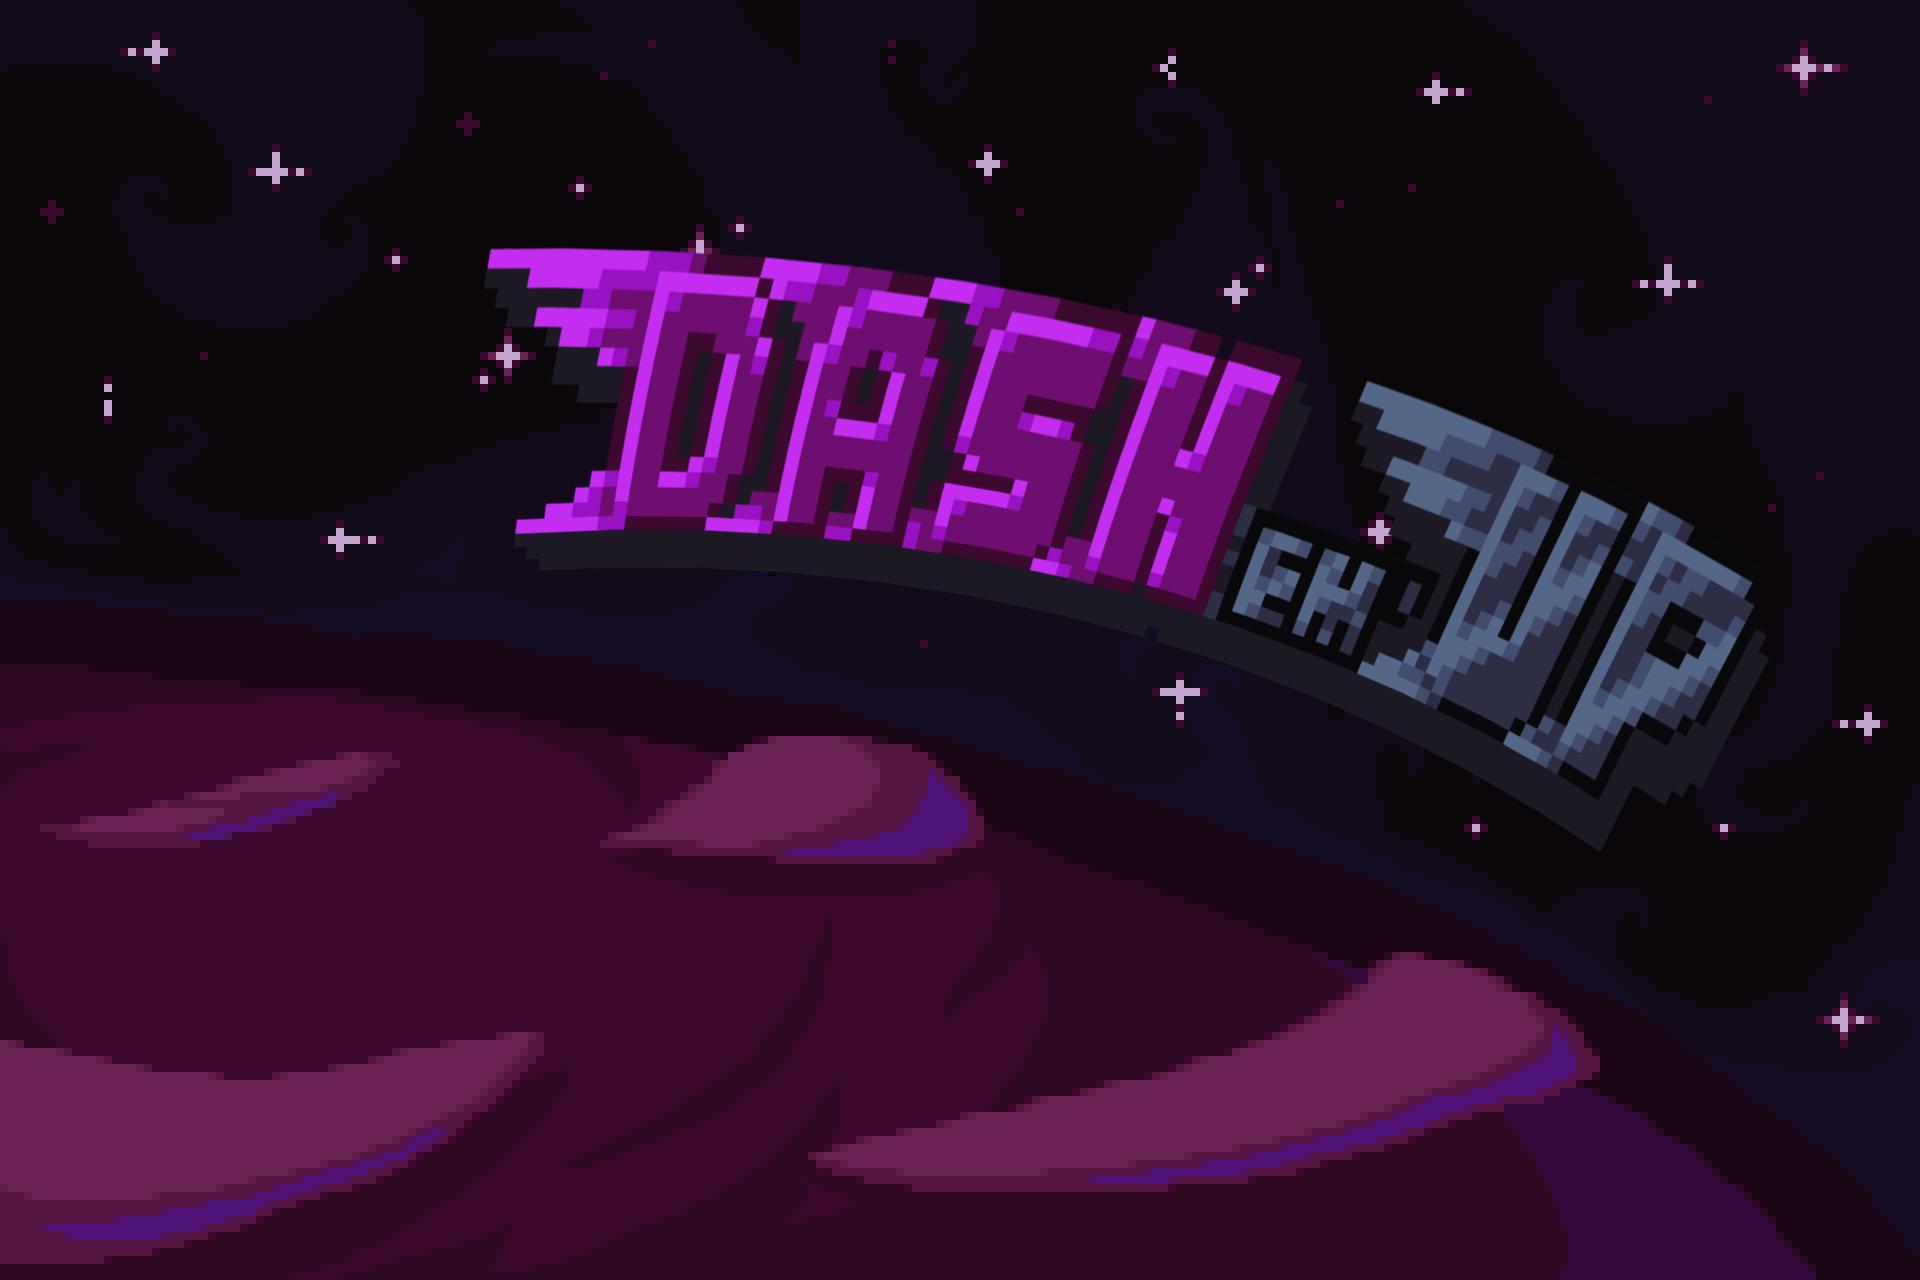 Dash em' up'